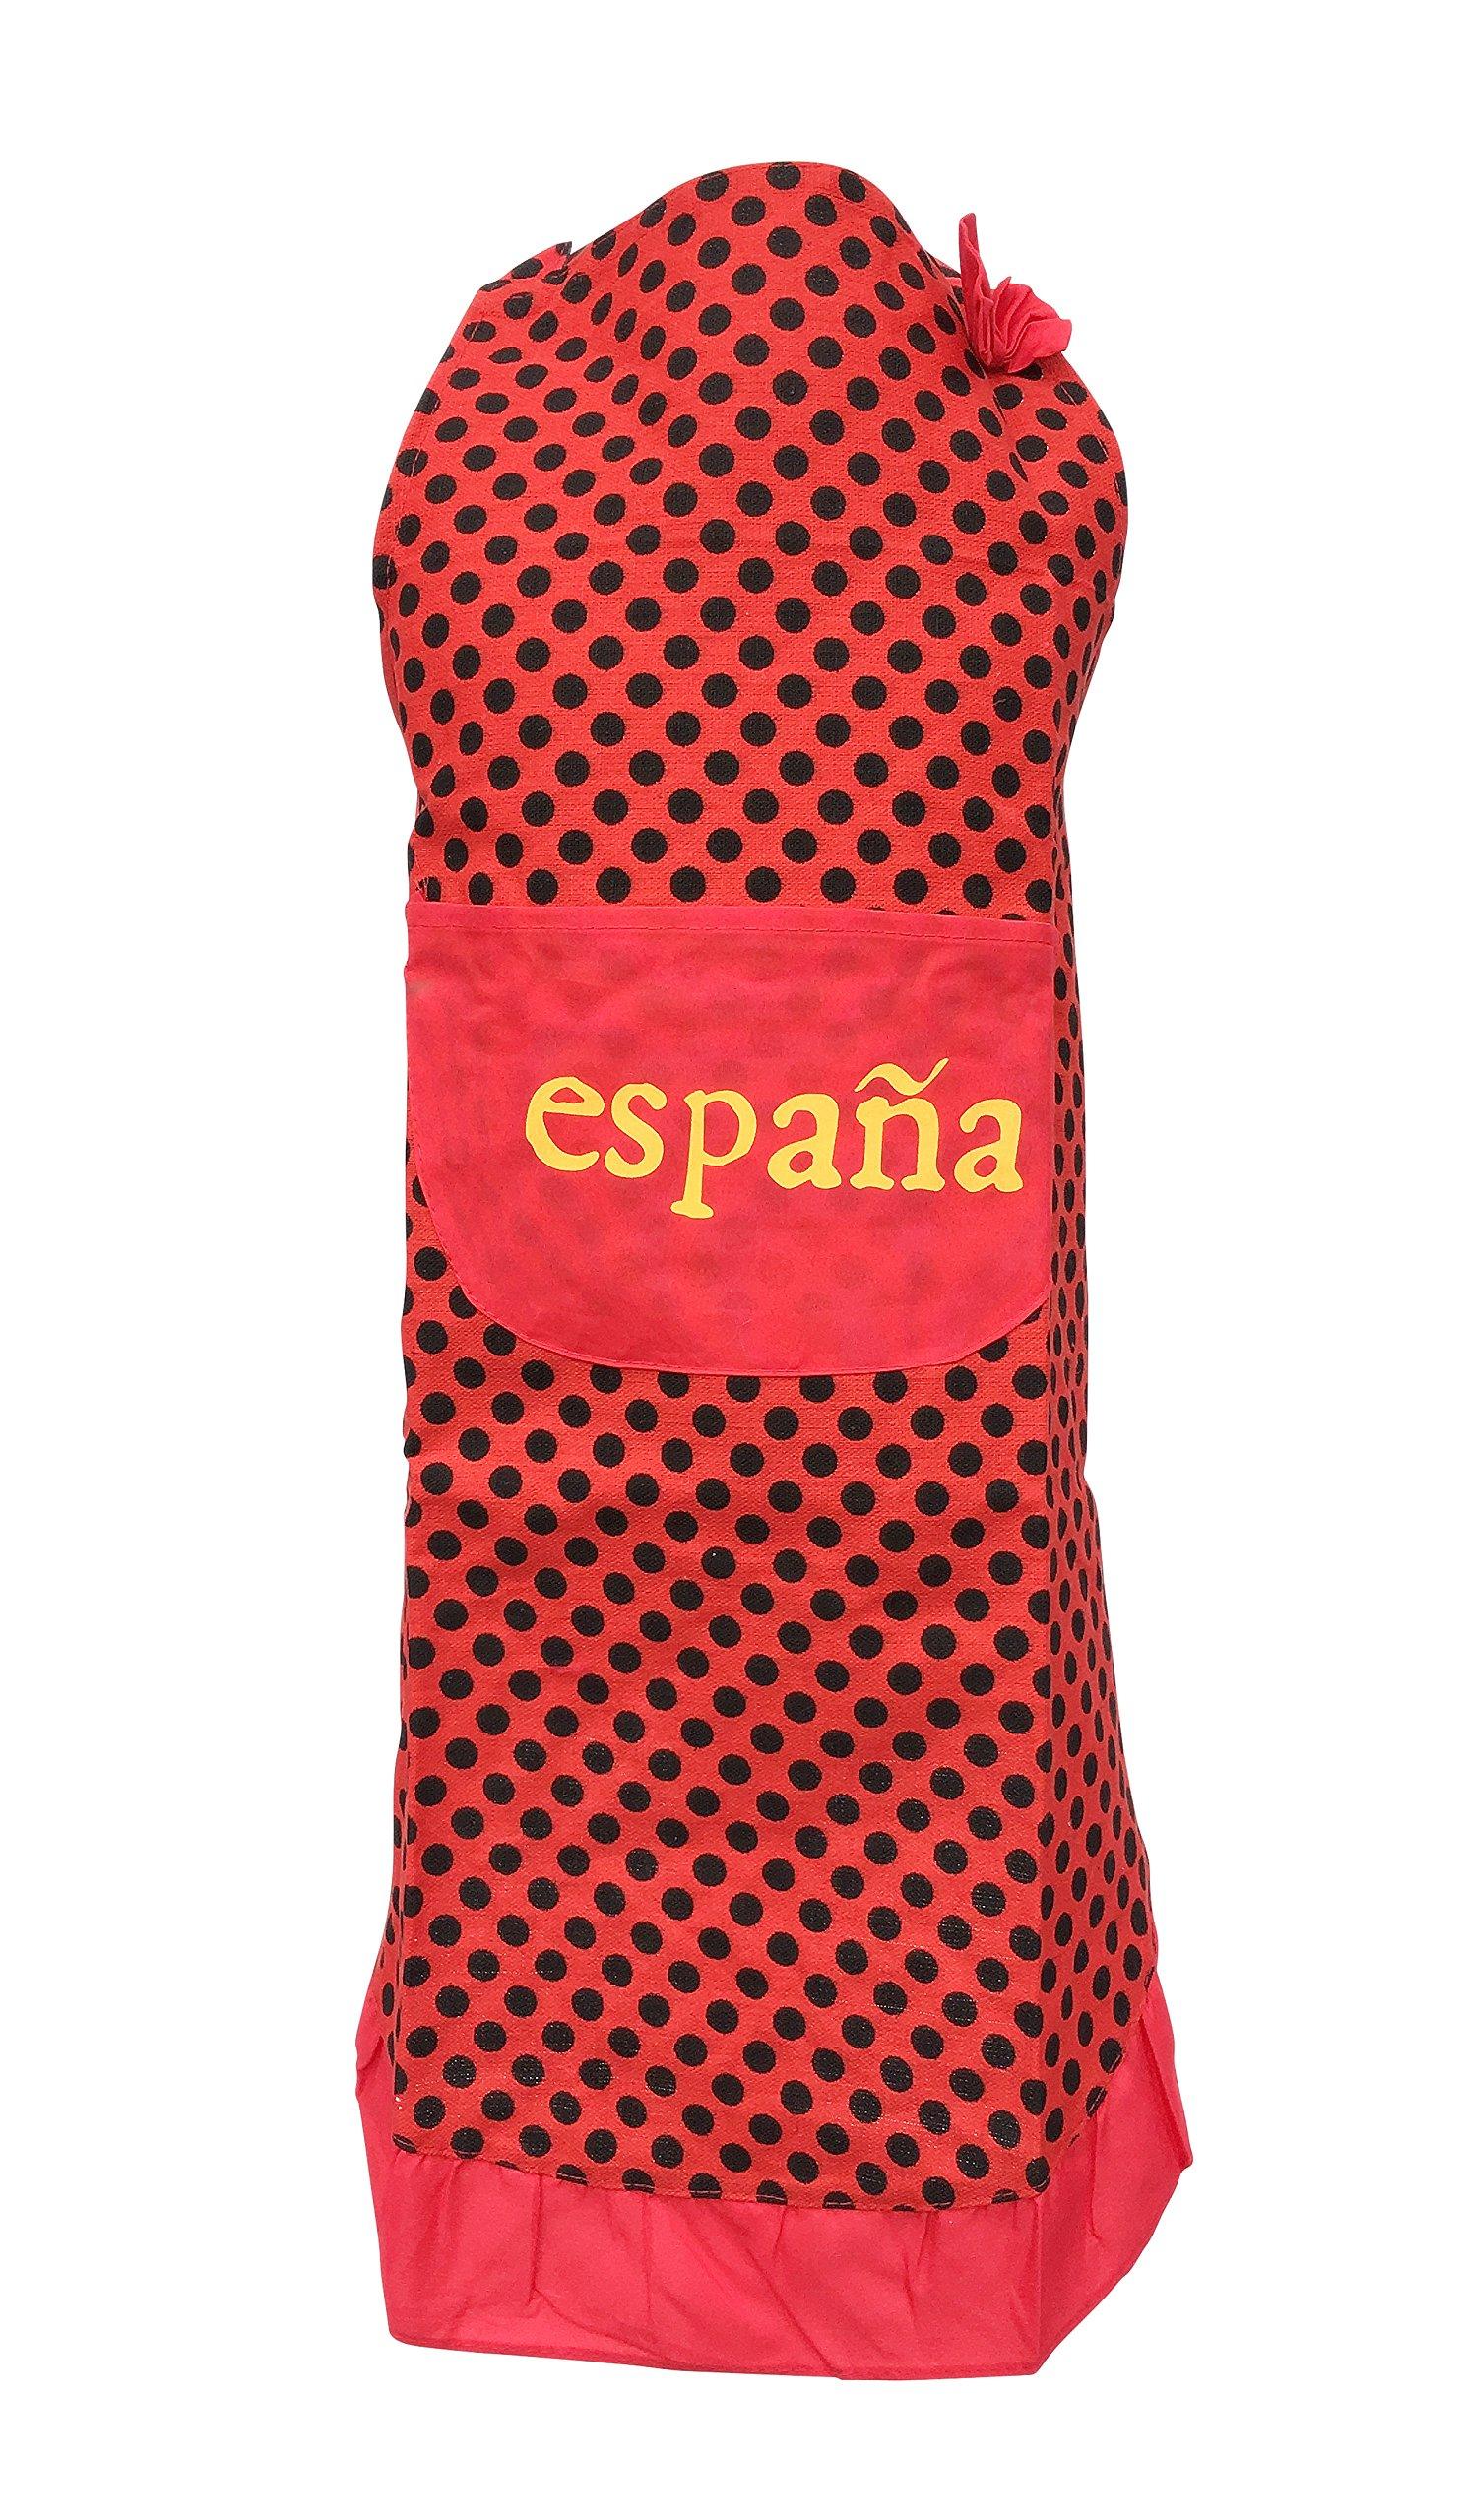 La Señorita Delantal España rojo puntos negro Flamenco: Amazon.es ...